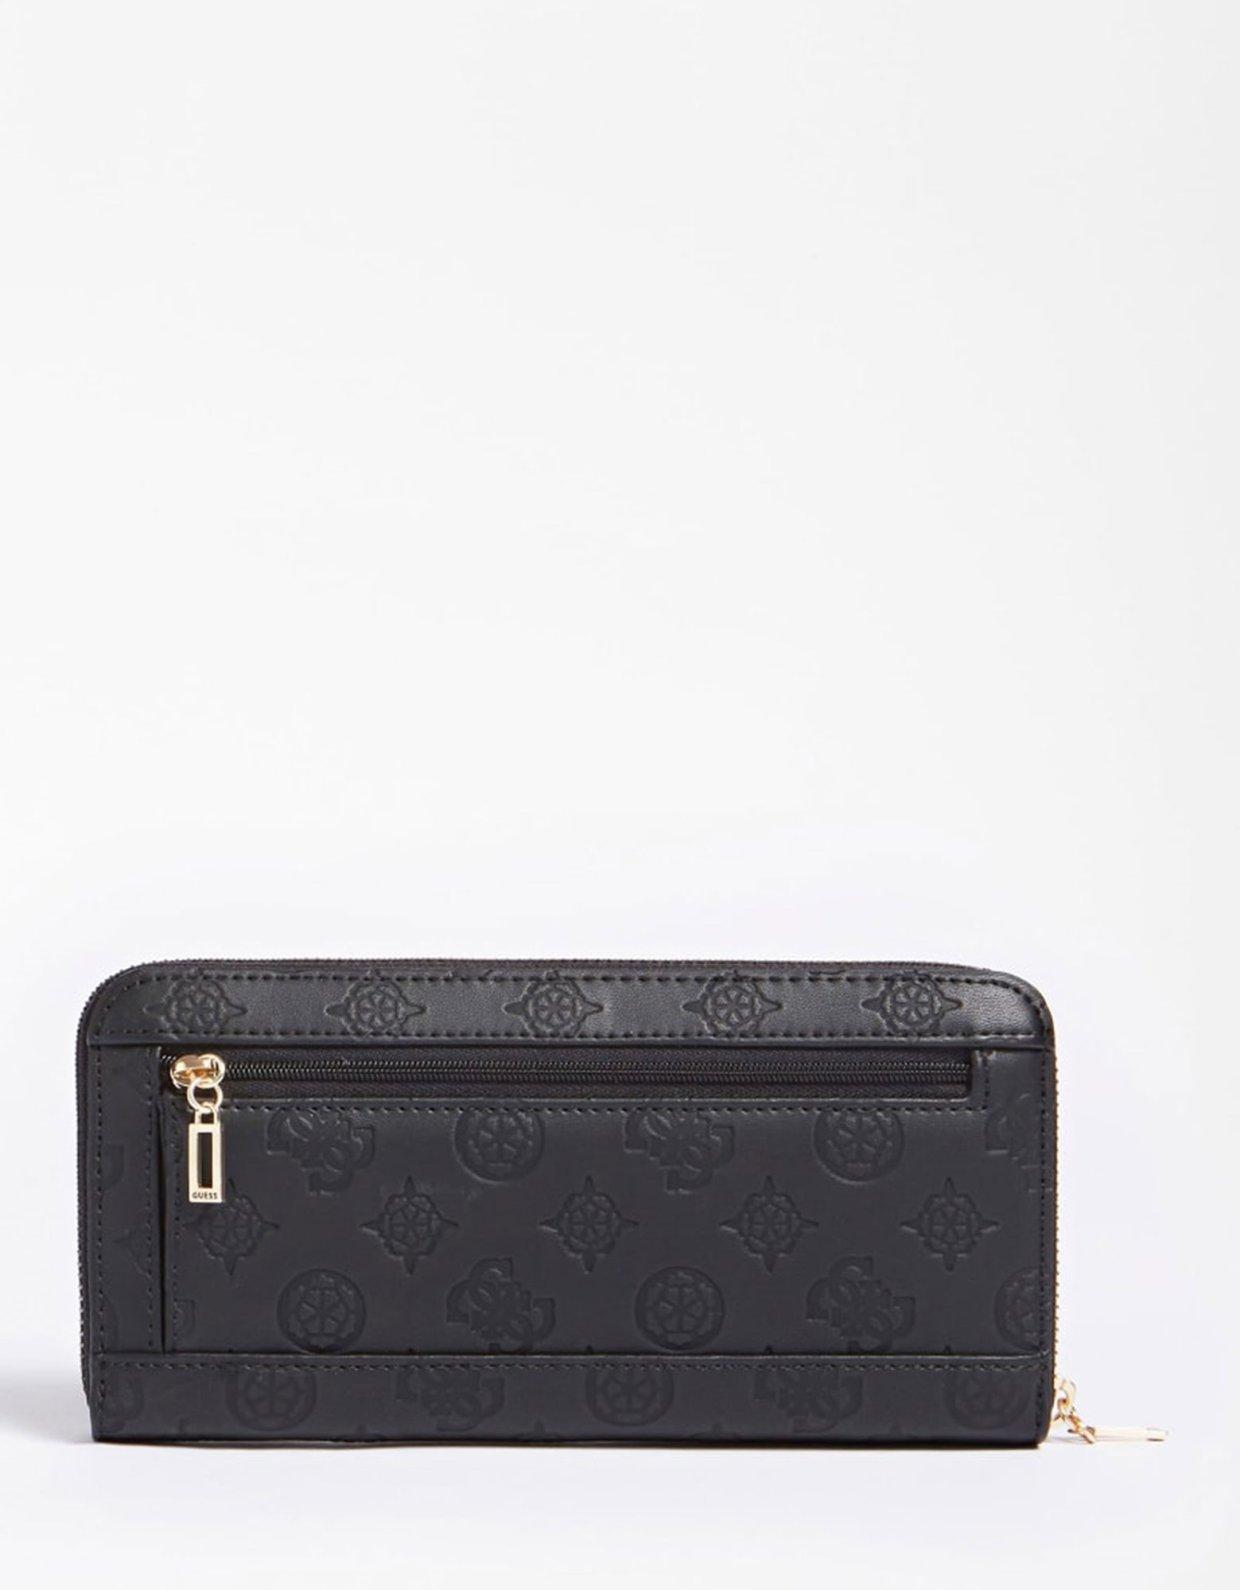 Guess Bea maxi wallet black